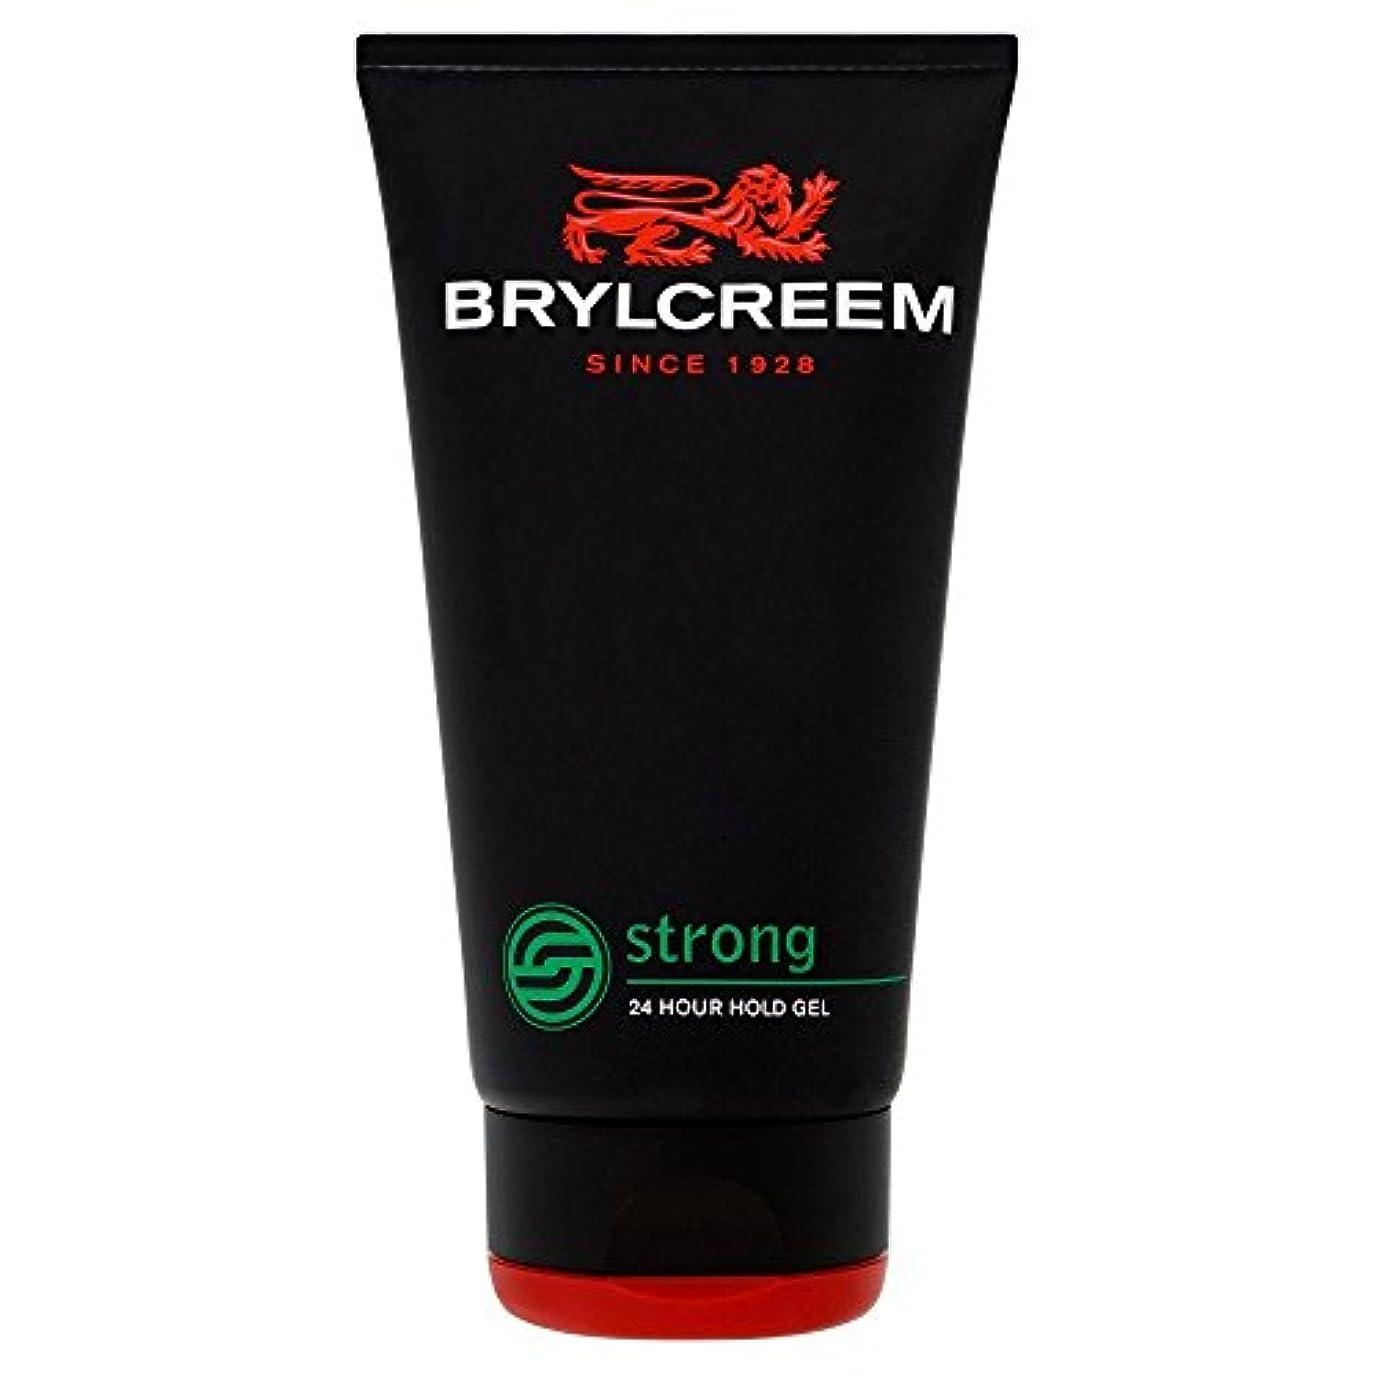 アンソロジーワンダー叱るBrylcreem Strong 24 Hour Hold Gel (150ml) Brylcreem強い24時間の保持ゲル( 150ミリリットル)